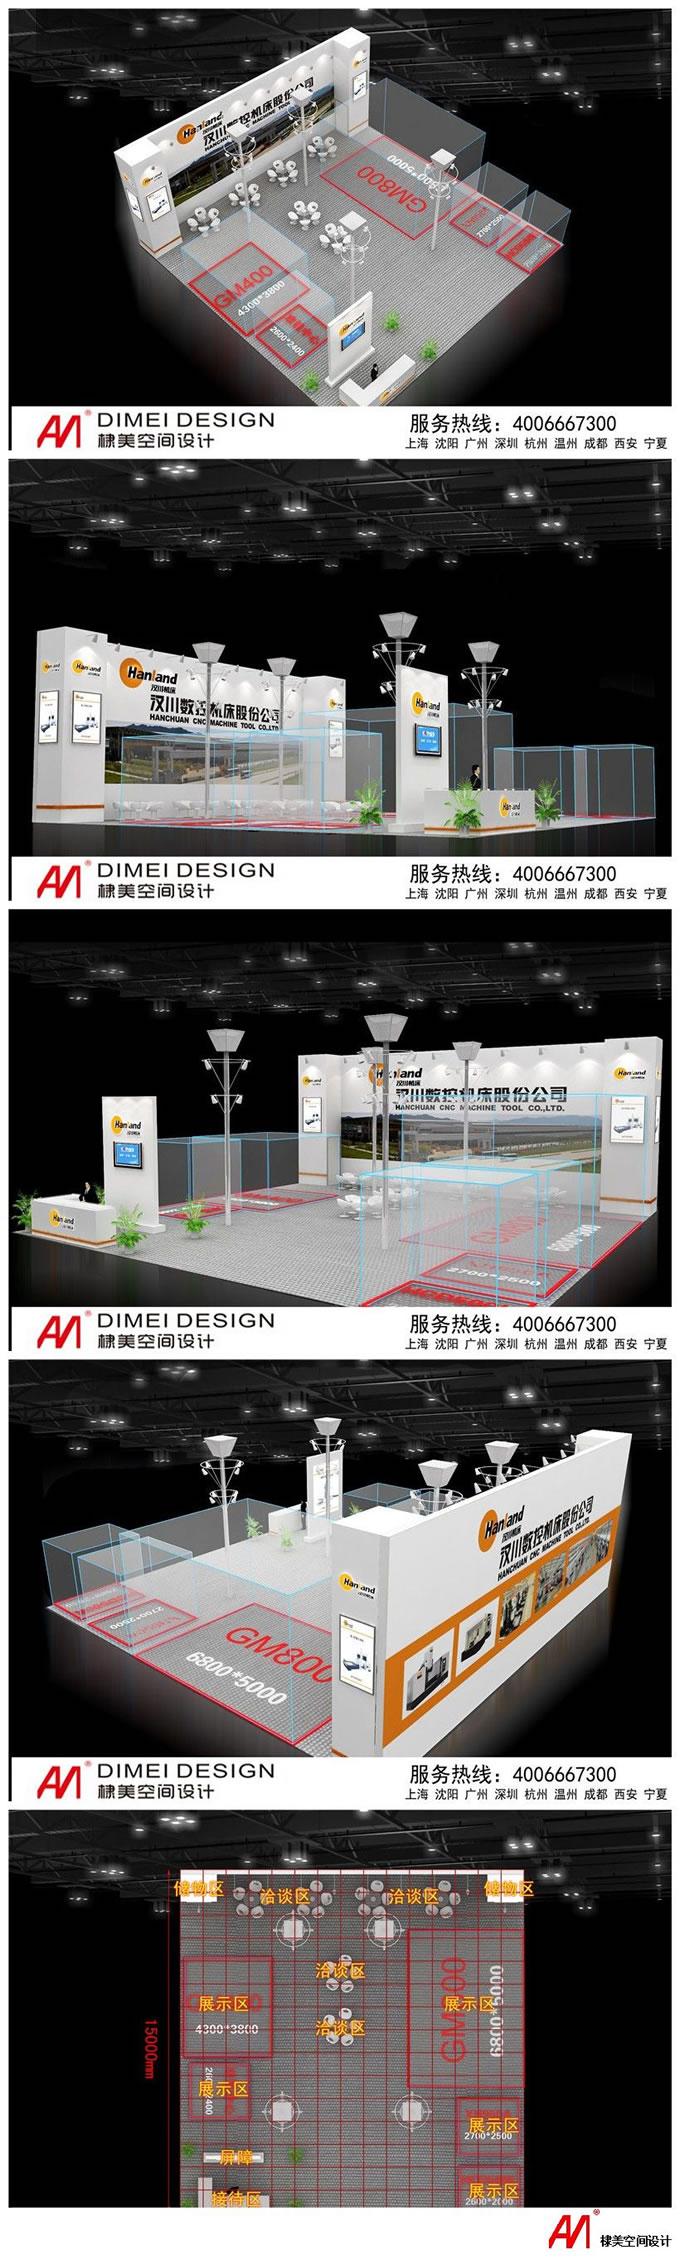 工业博览会之汉川机床展案例